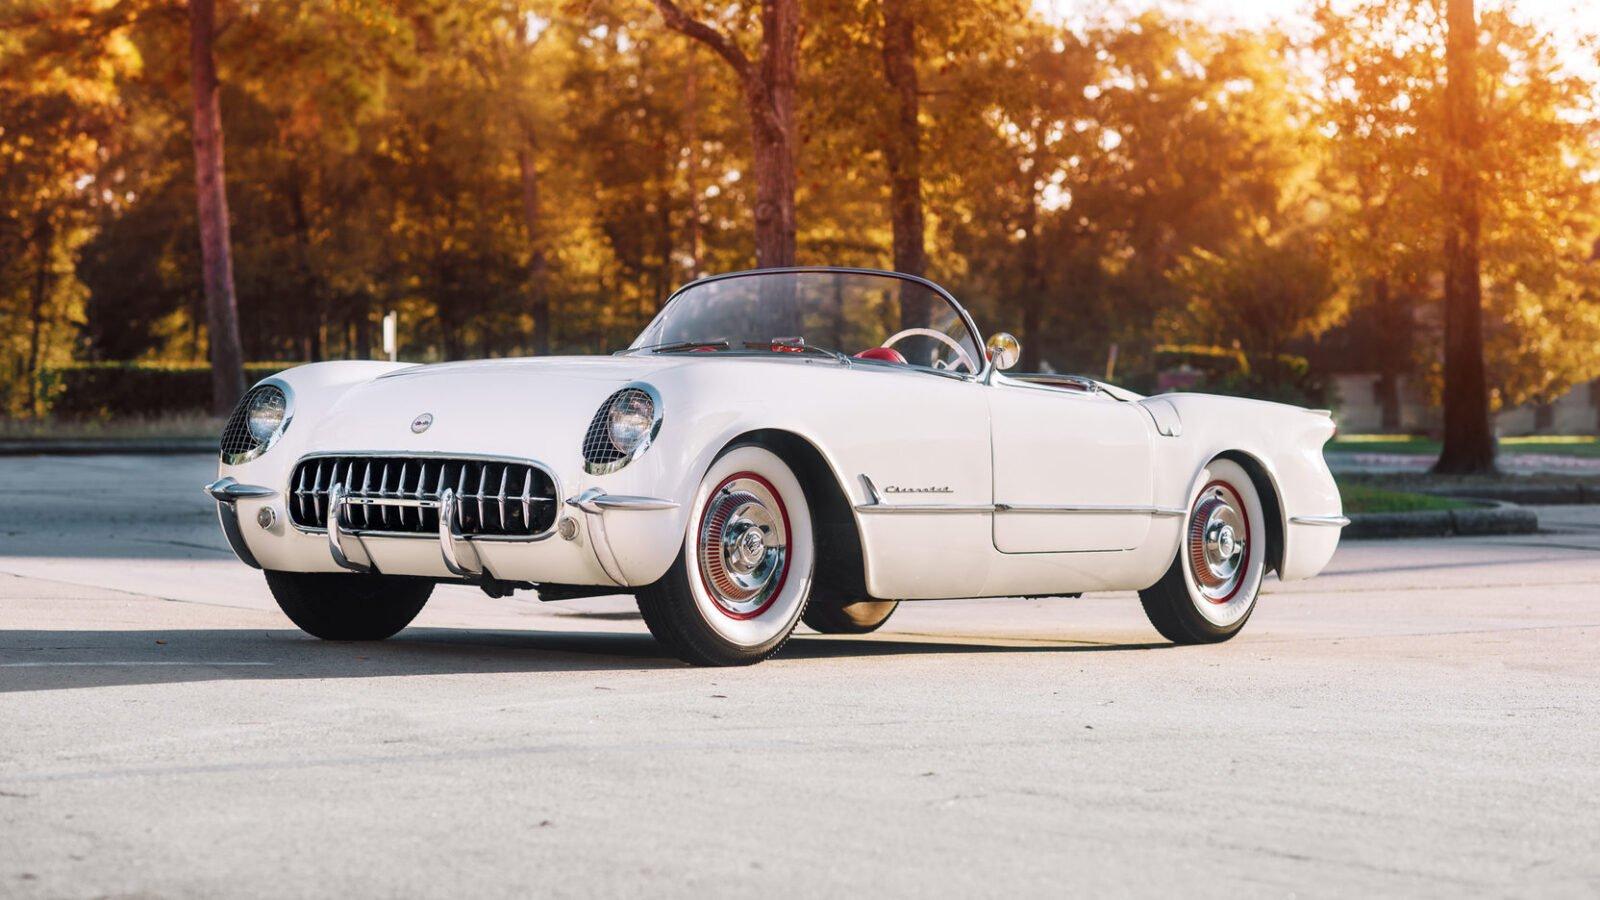 1953 Chevrolet Corvette 1600x900 - 1953 Chevrolet Corvette